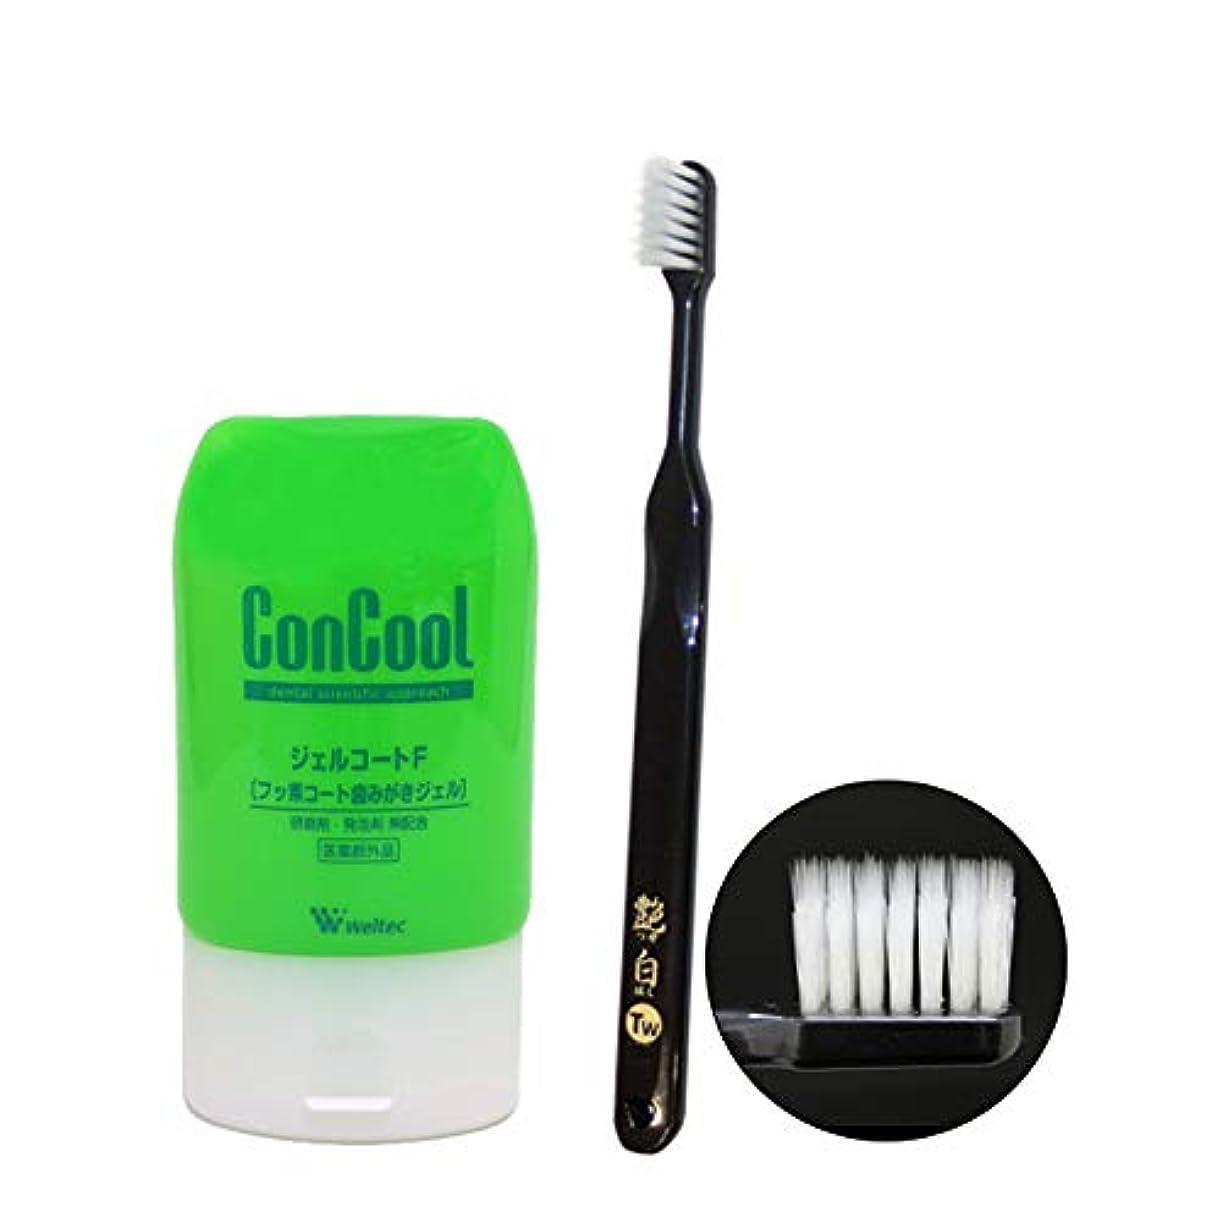 過敏な勇気のあるが欲しいコンクール ジェルコートF 90g×1個 + 艶白 (つやはく) Tw ツイン (二段植毛) 歯ブラシ×1本 MS(やややわらかめ) 日本製 歯科専売品